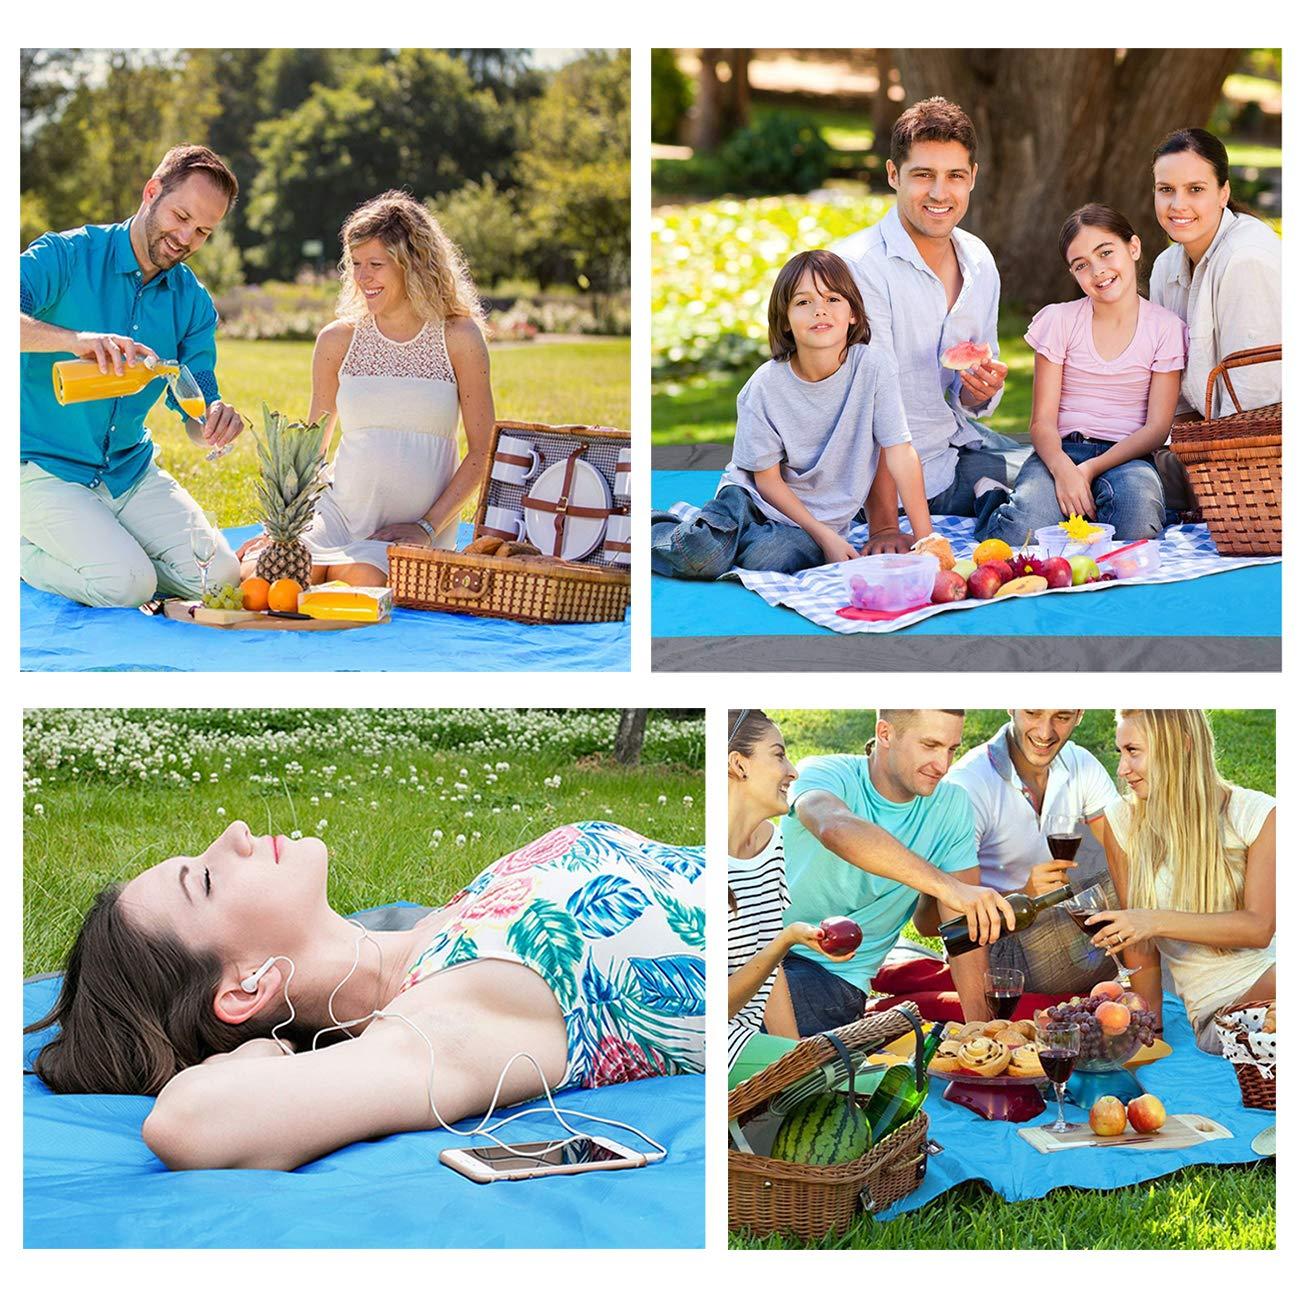 Picknickdecke wasserdichte und sandfreie Outdoor Picknickdecke Stranddecke 200 x 200 cm Schnelles Trocknen Strandmatte f/ür den Strand Camping Piknicke und Wanderungen